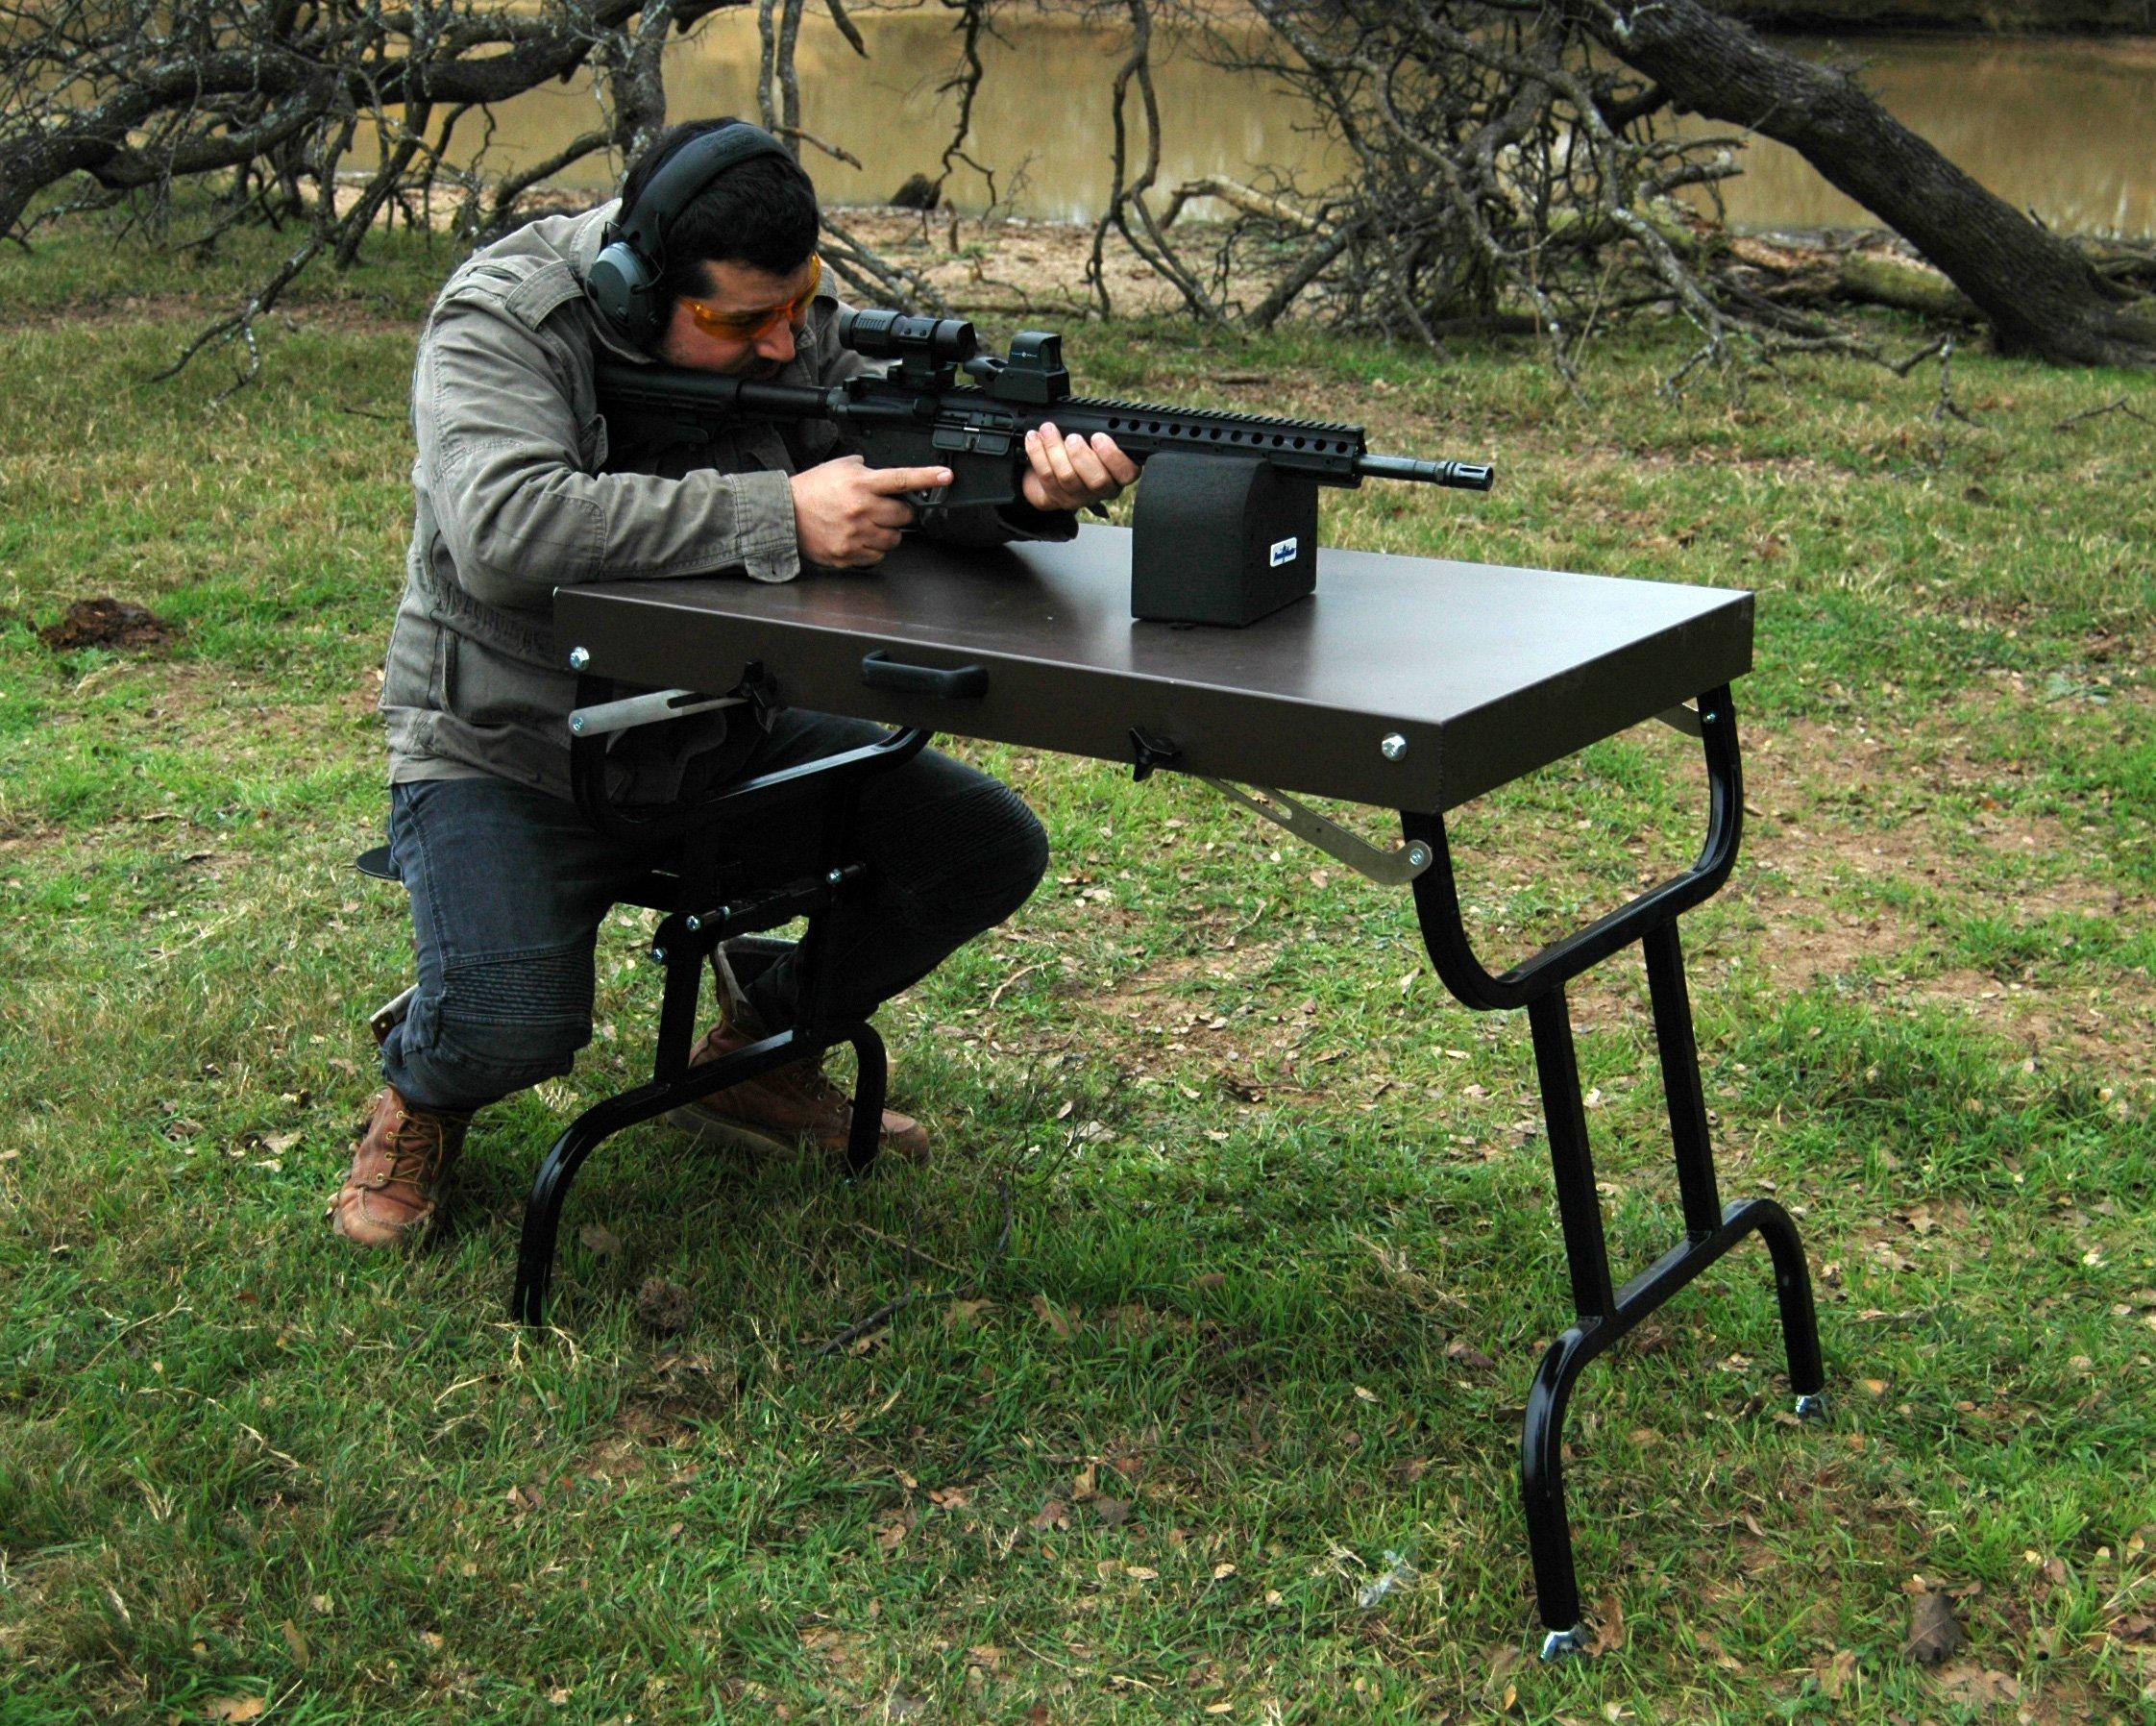 BenchMaster - Weapon Rack - Bench Block - Large - Shooting Rest - Gun Rest - Bench Shooting - Weapon Rack - Bench Block - Large - BMWRBBL - Shooting Rest - Gun Rest - Bench Shooting